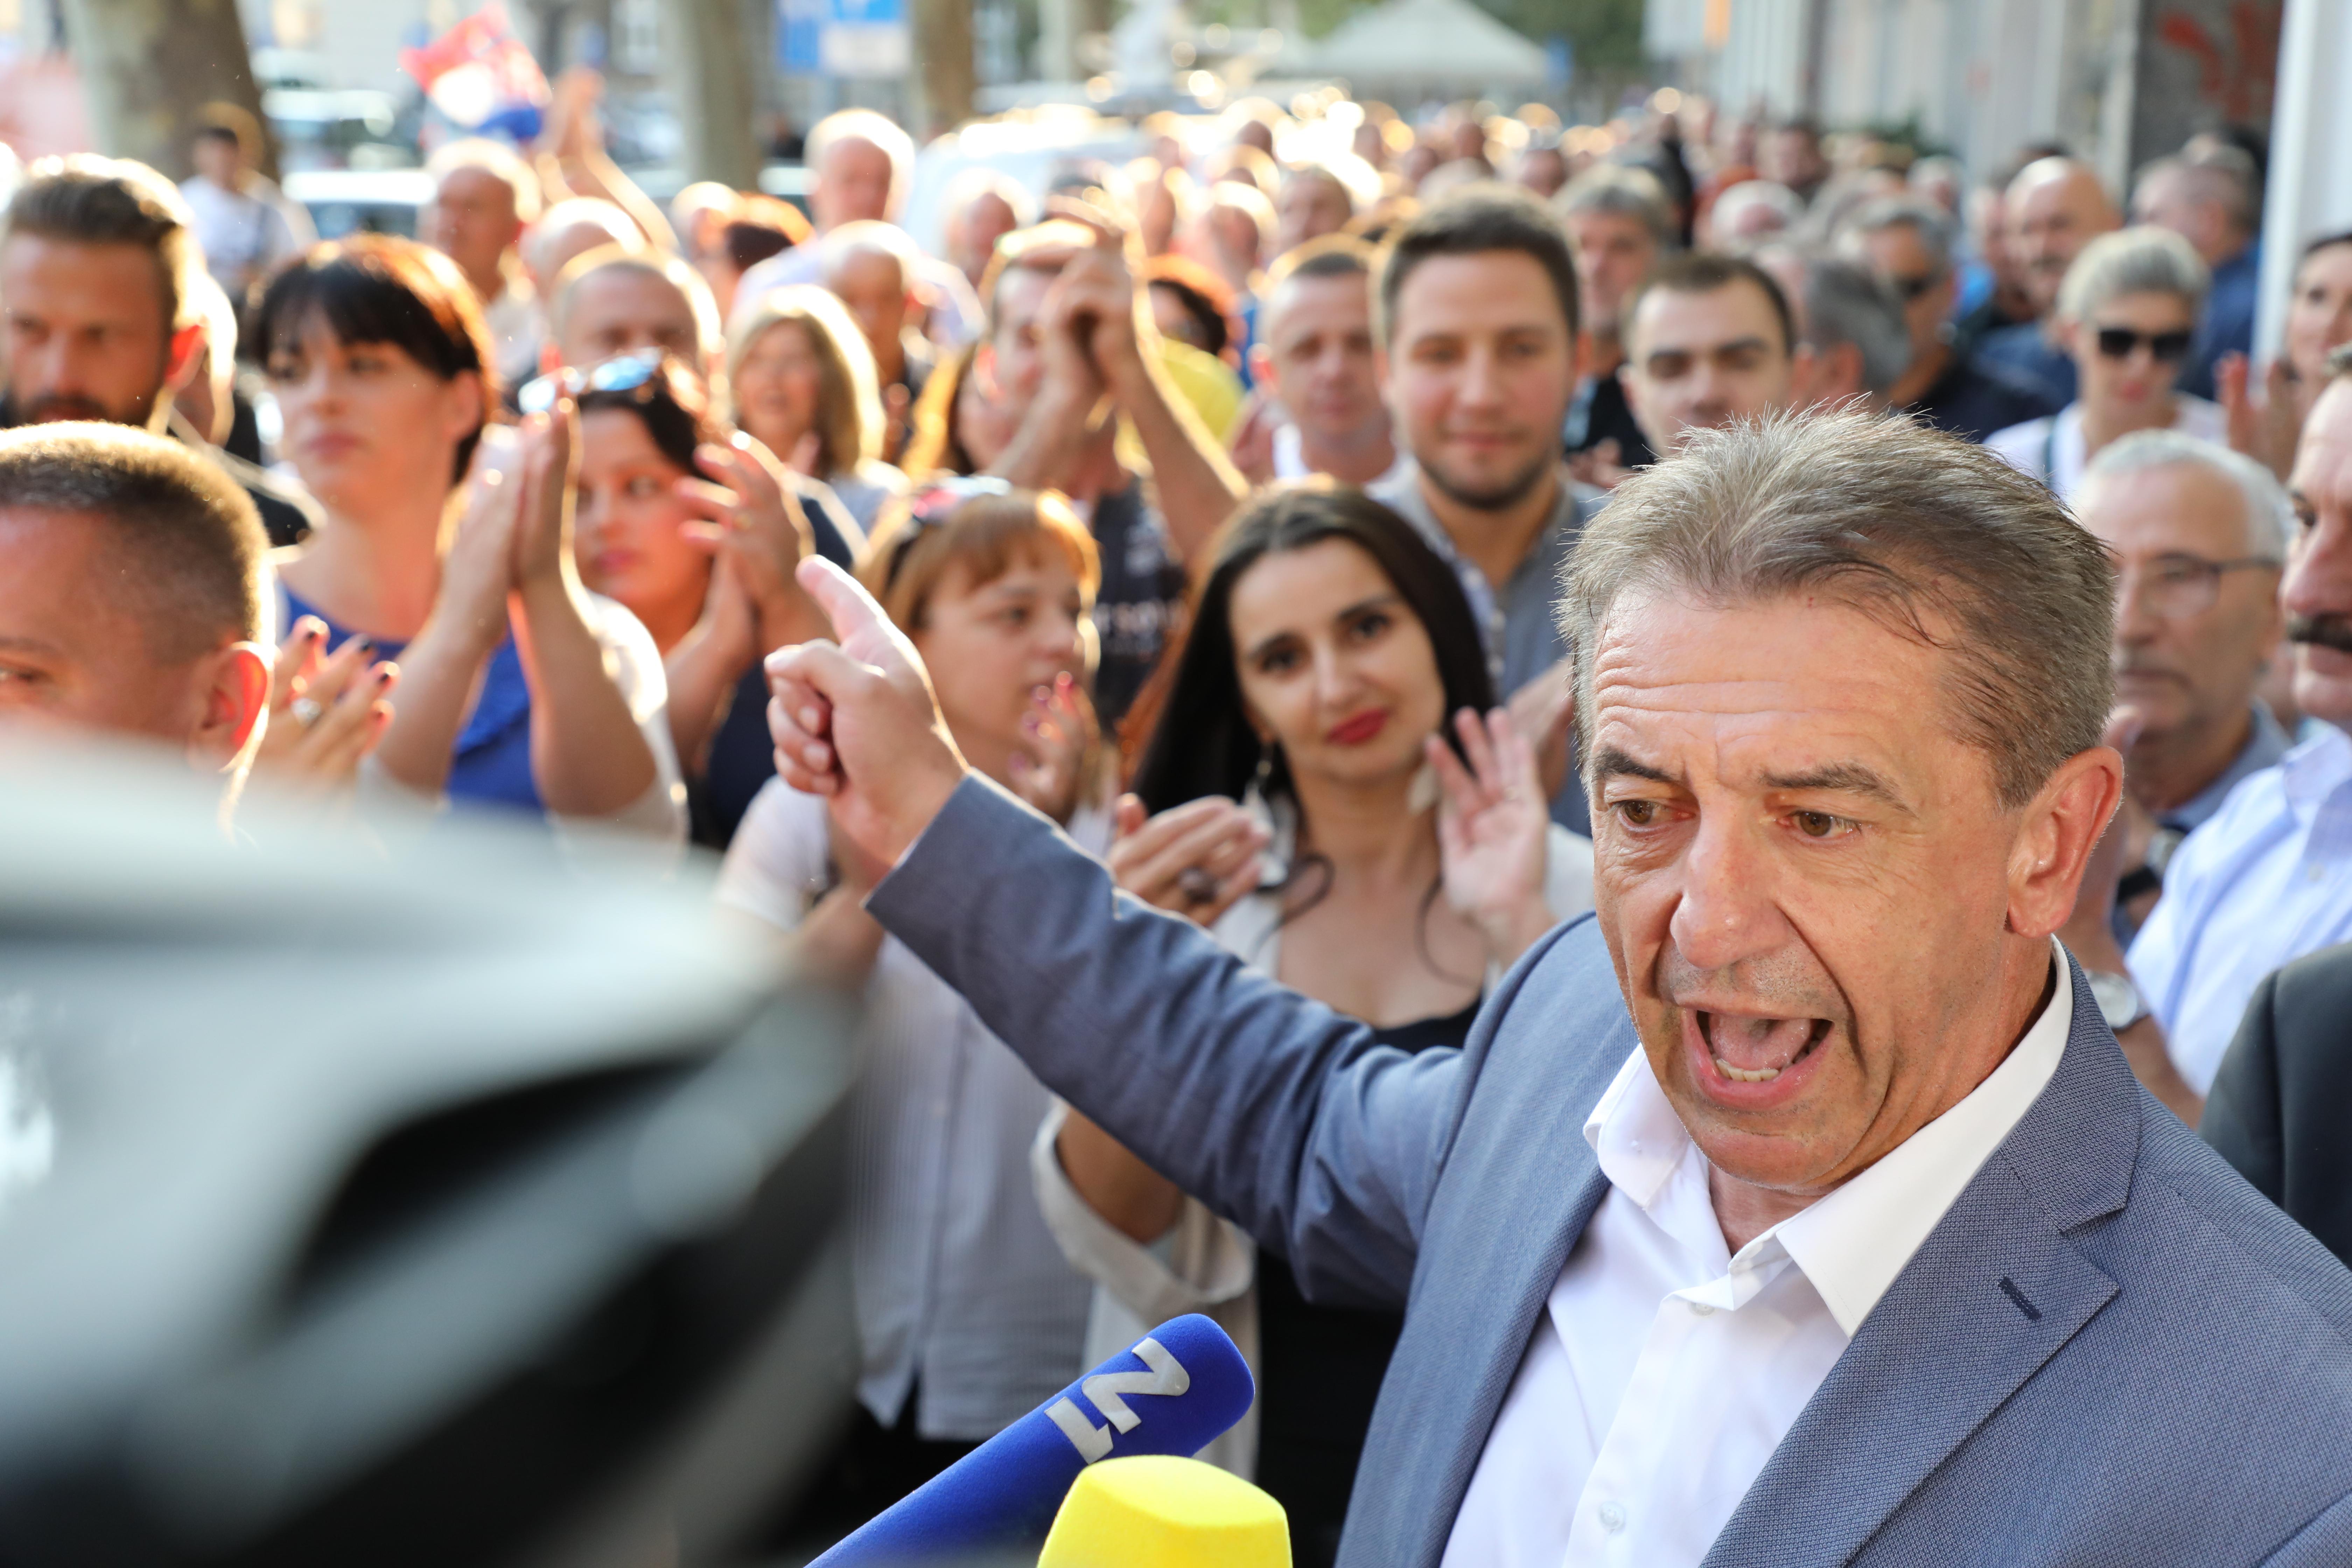 MILINOVIĆ 'Ako me izbace iz HDZ-a, u Saboru neću podržati Plenkovića'